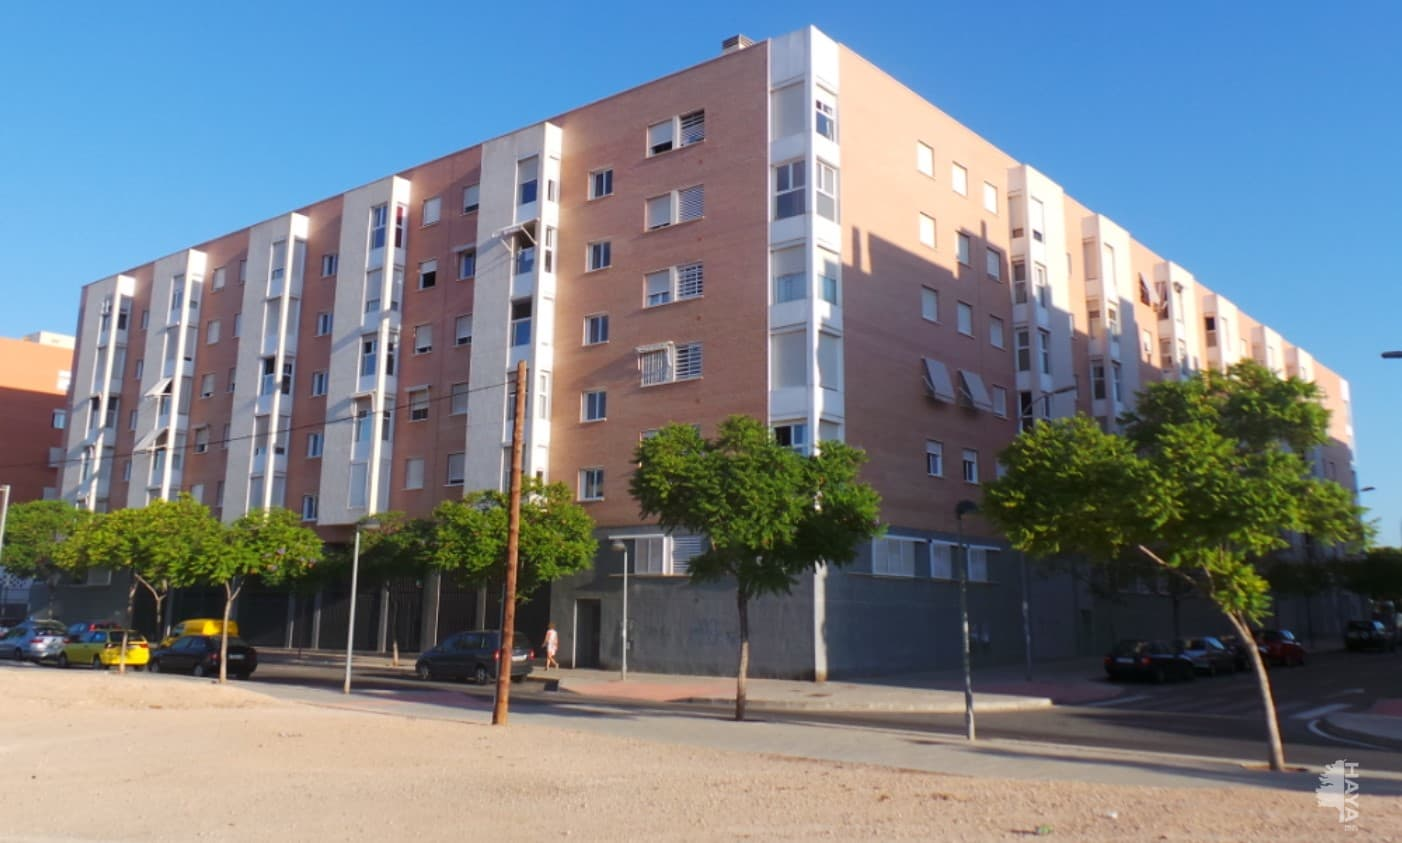 Piso en venta en Parque de la Avenidas, Alicante/alacant, Alicante, Calle los Montesinos, 153.000 €, 2 baños, 169 m2